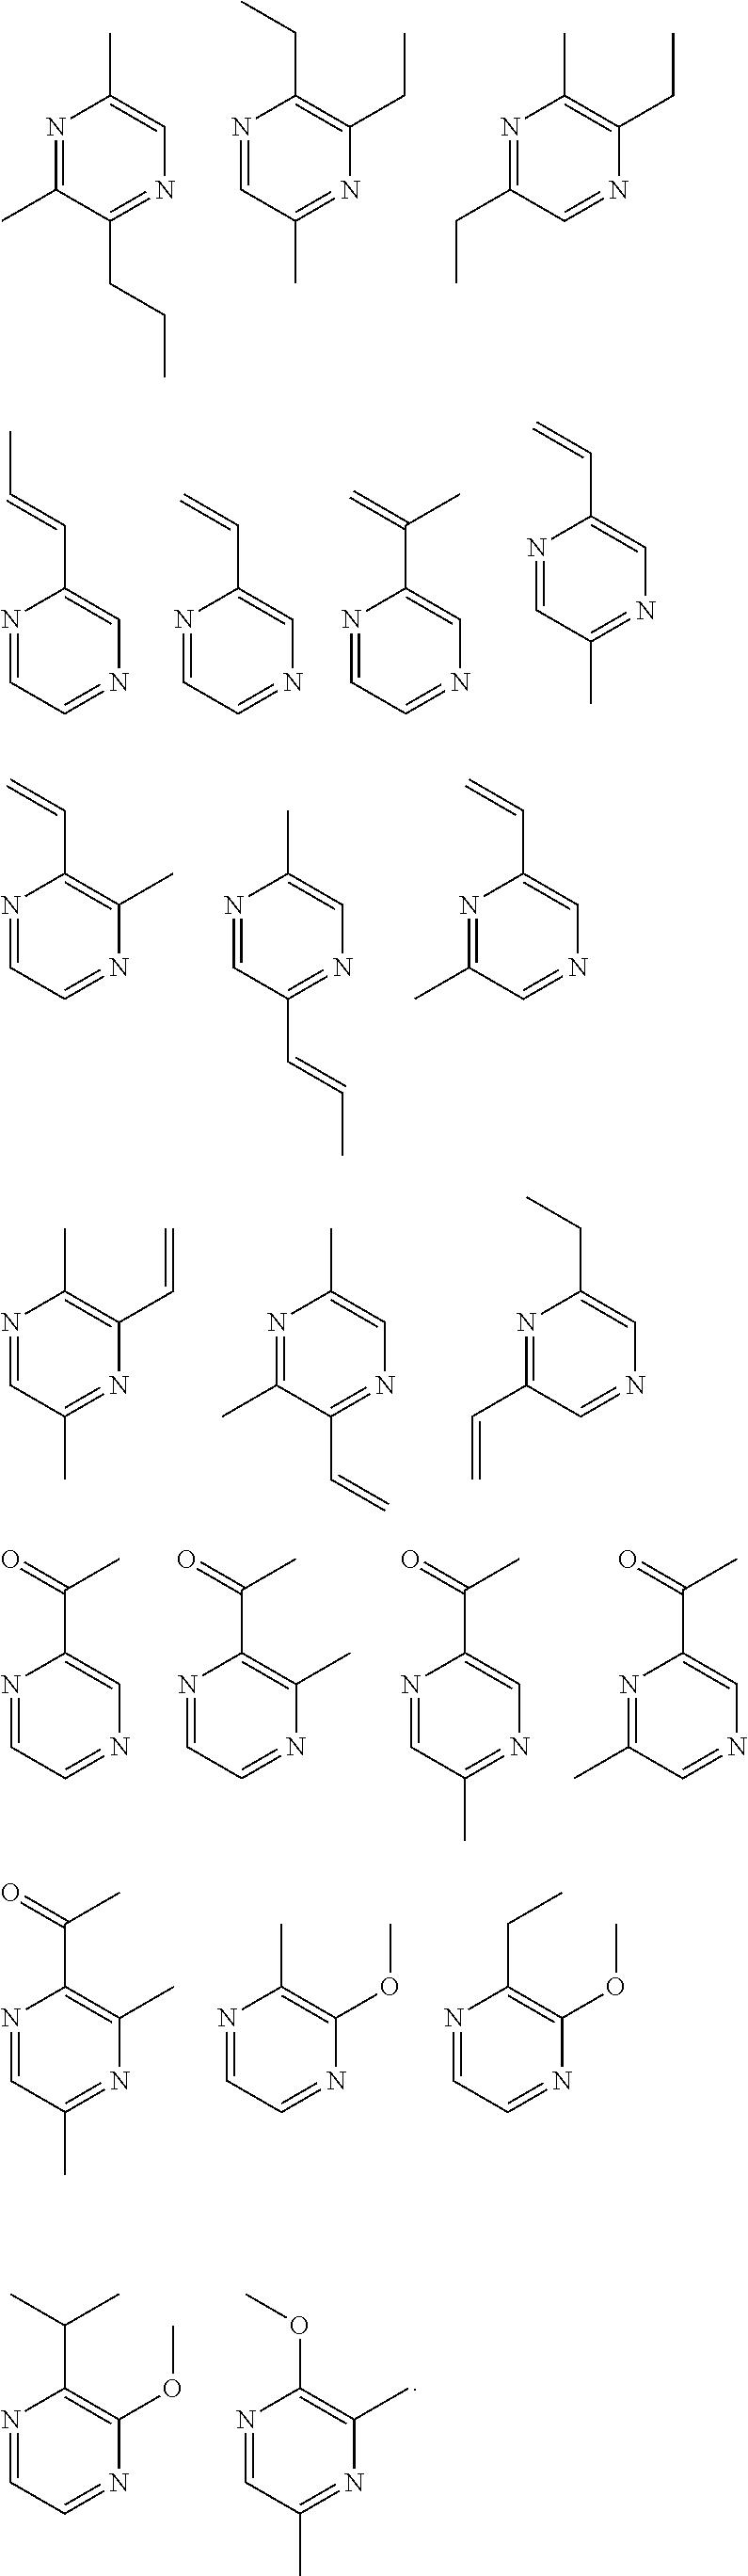 Figure US09962344-20180508-C00023